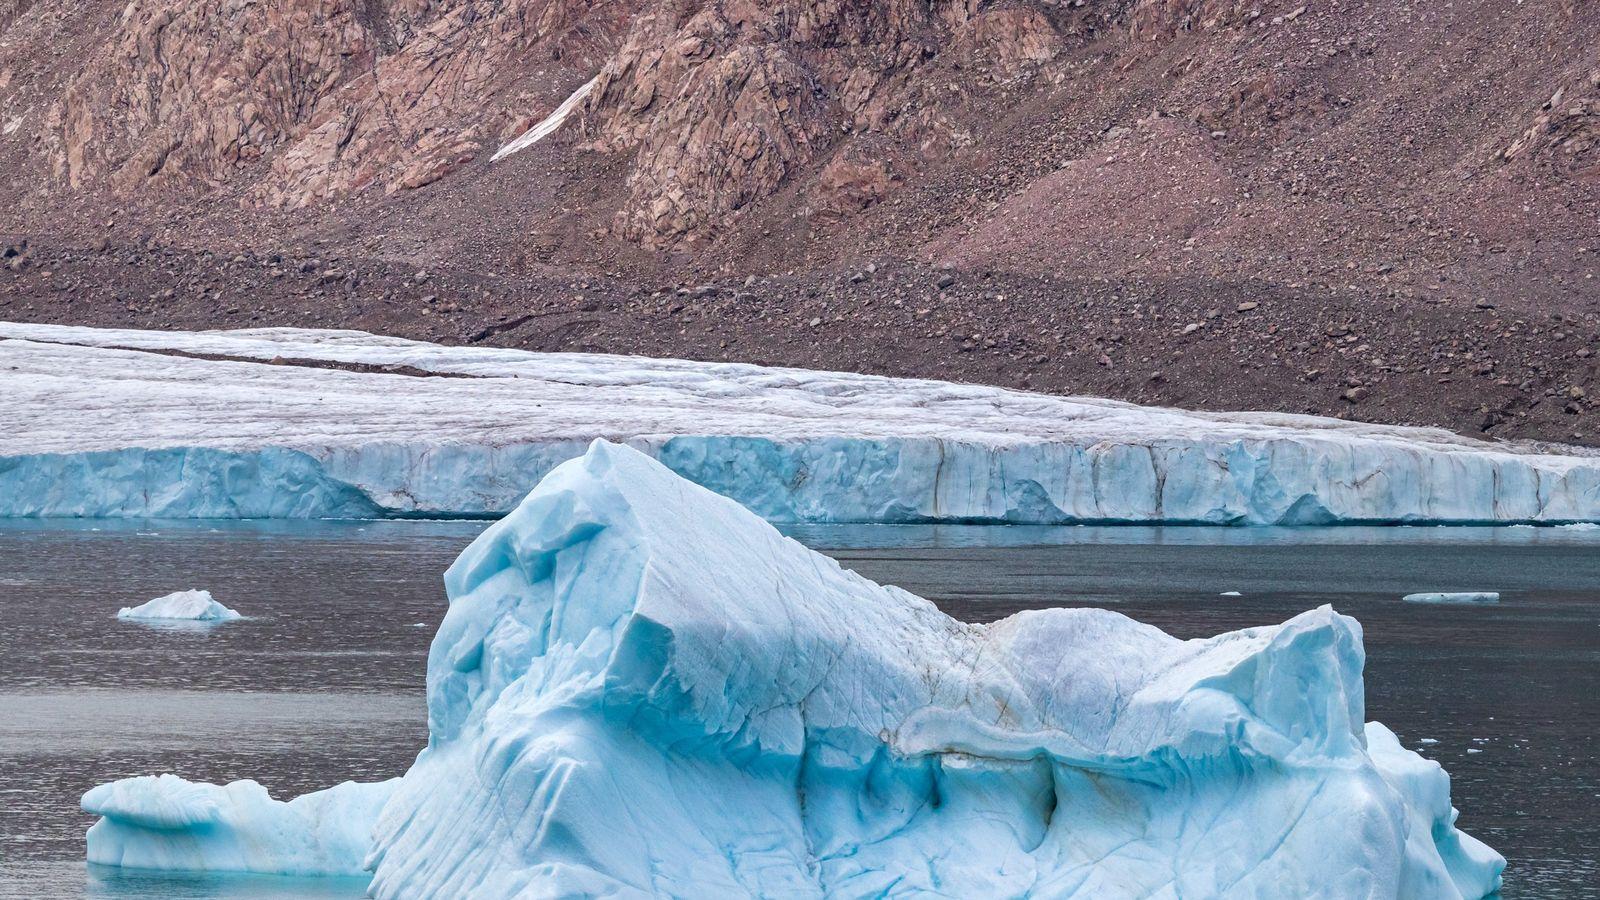 Iceberg prèsd'un glacier au large de l'île d'Ellesmere, région de Qikiqtaaluk dans le territoire canadien deNunavut.